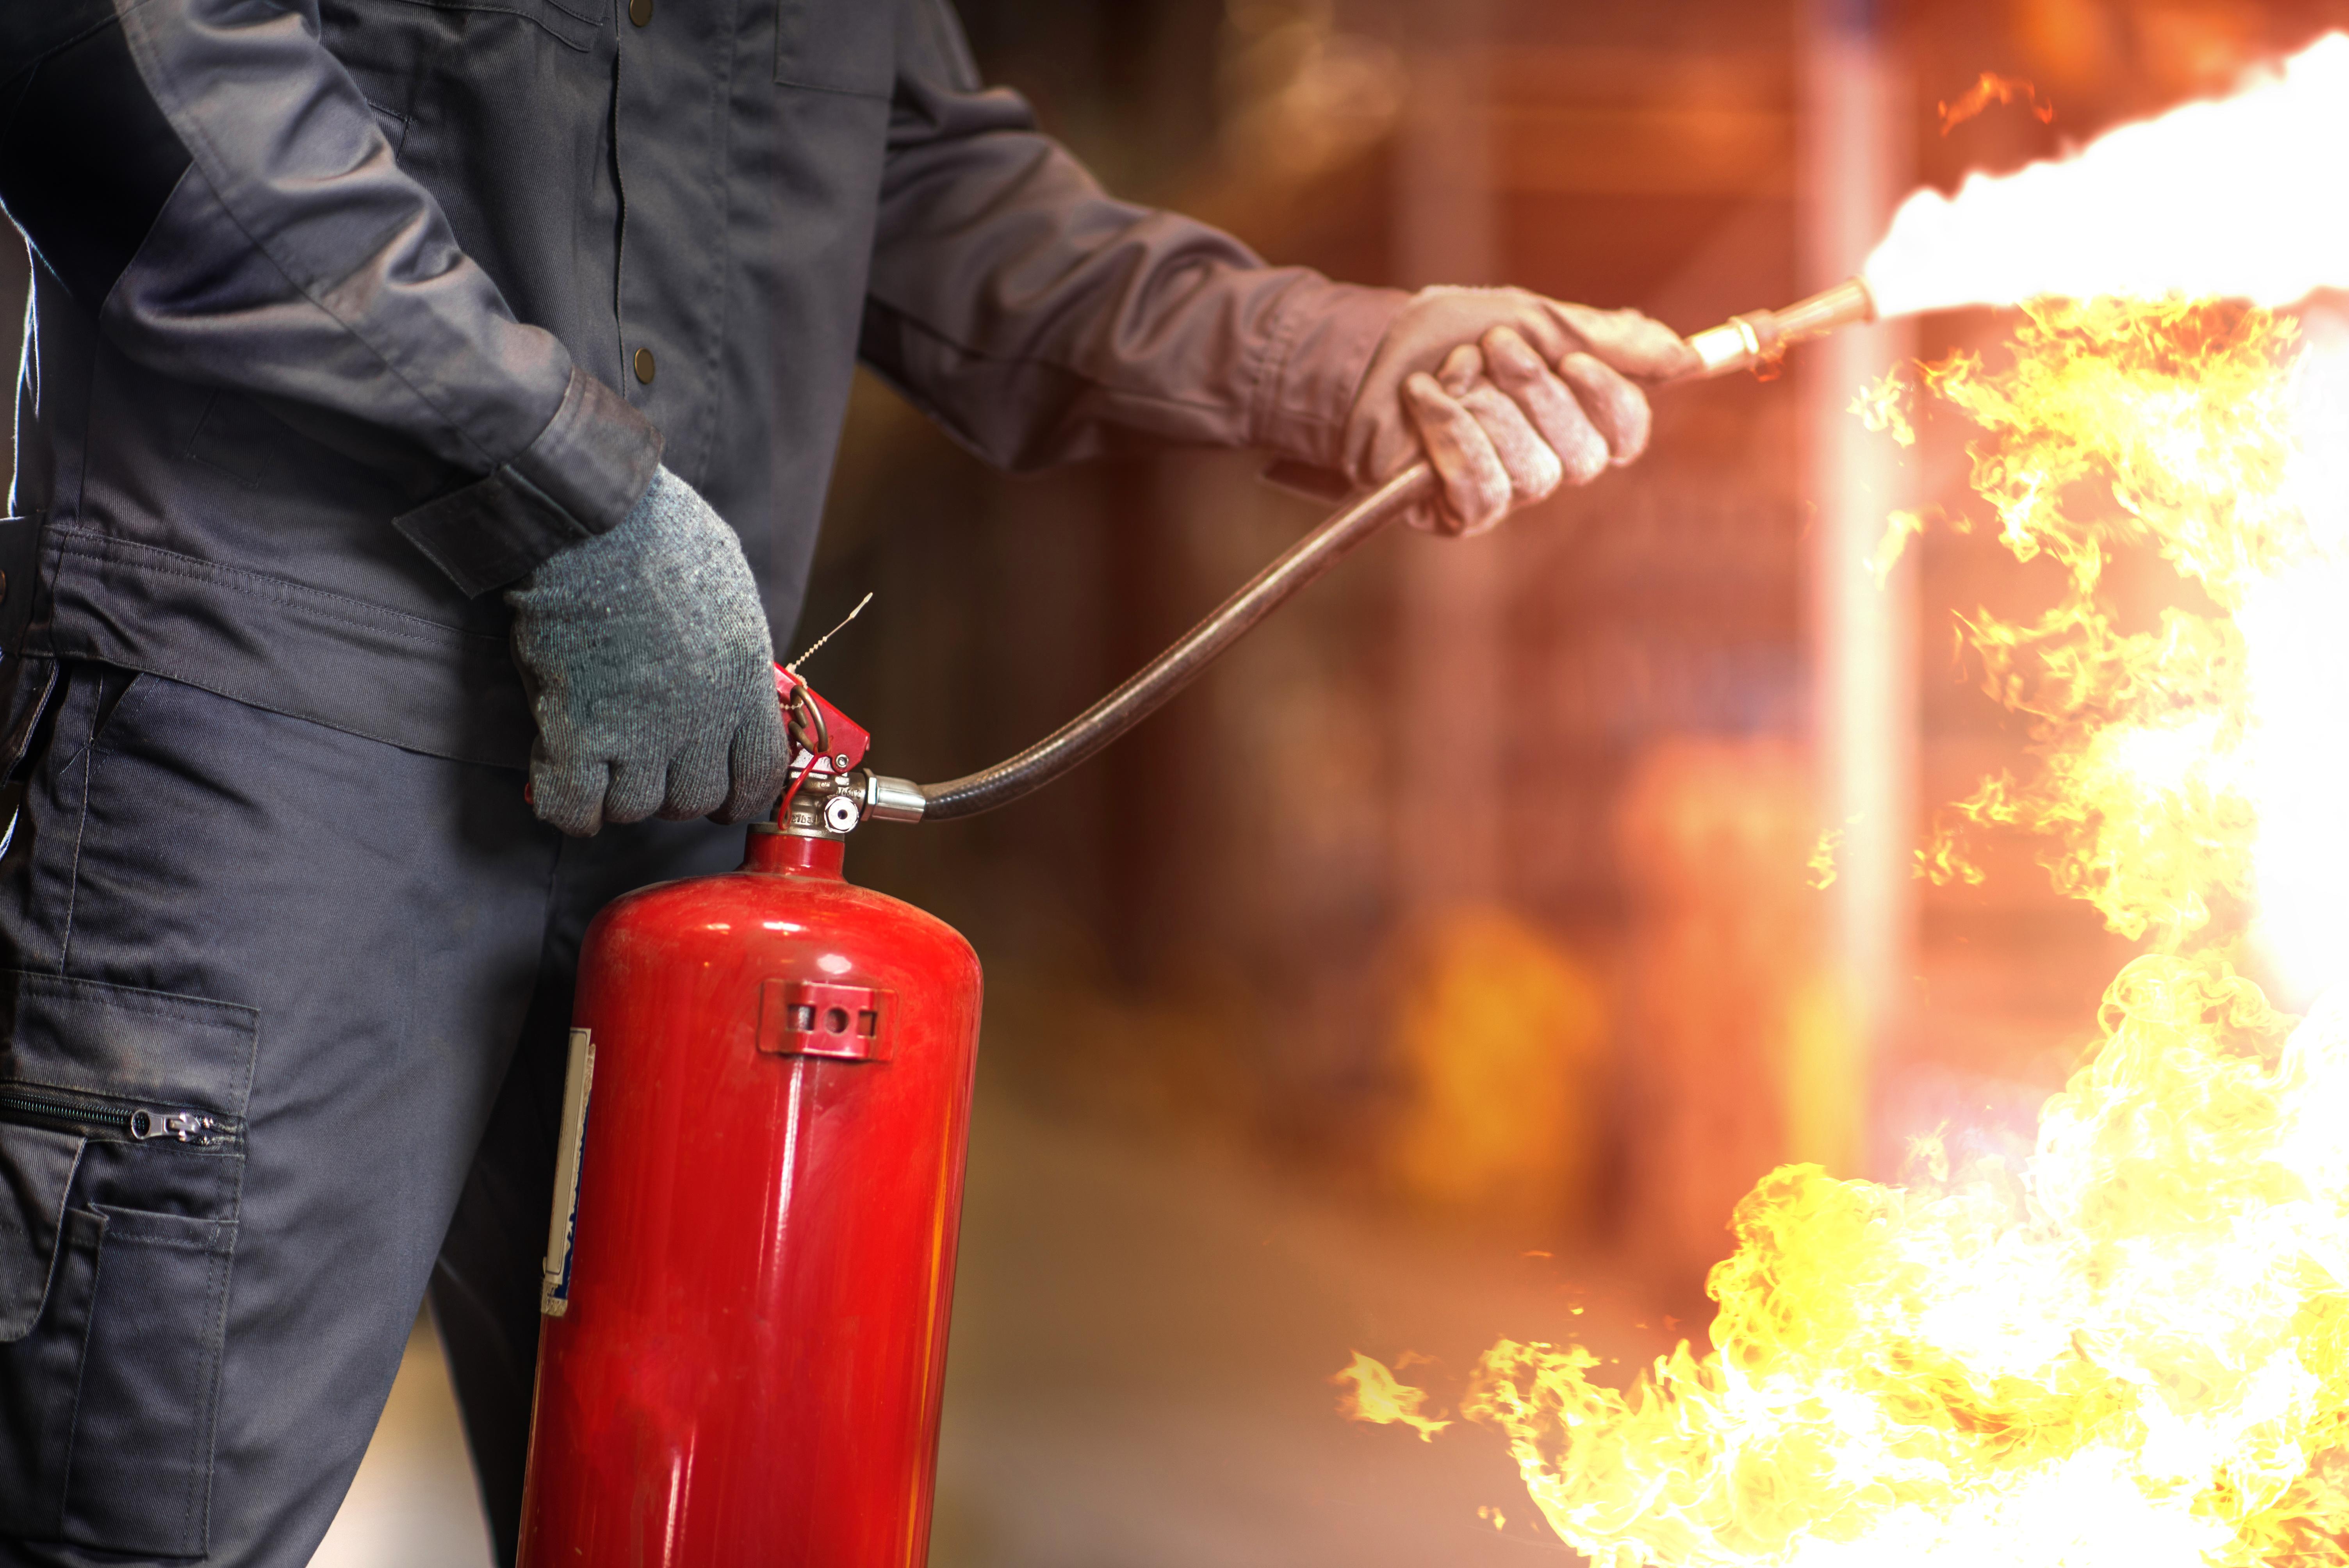 Gaśnica śniegowa – do jakiego rodzaju pożaru można ją stosować?